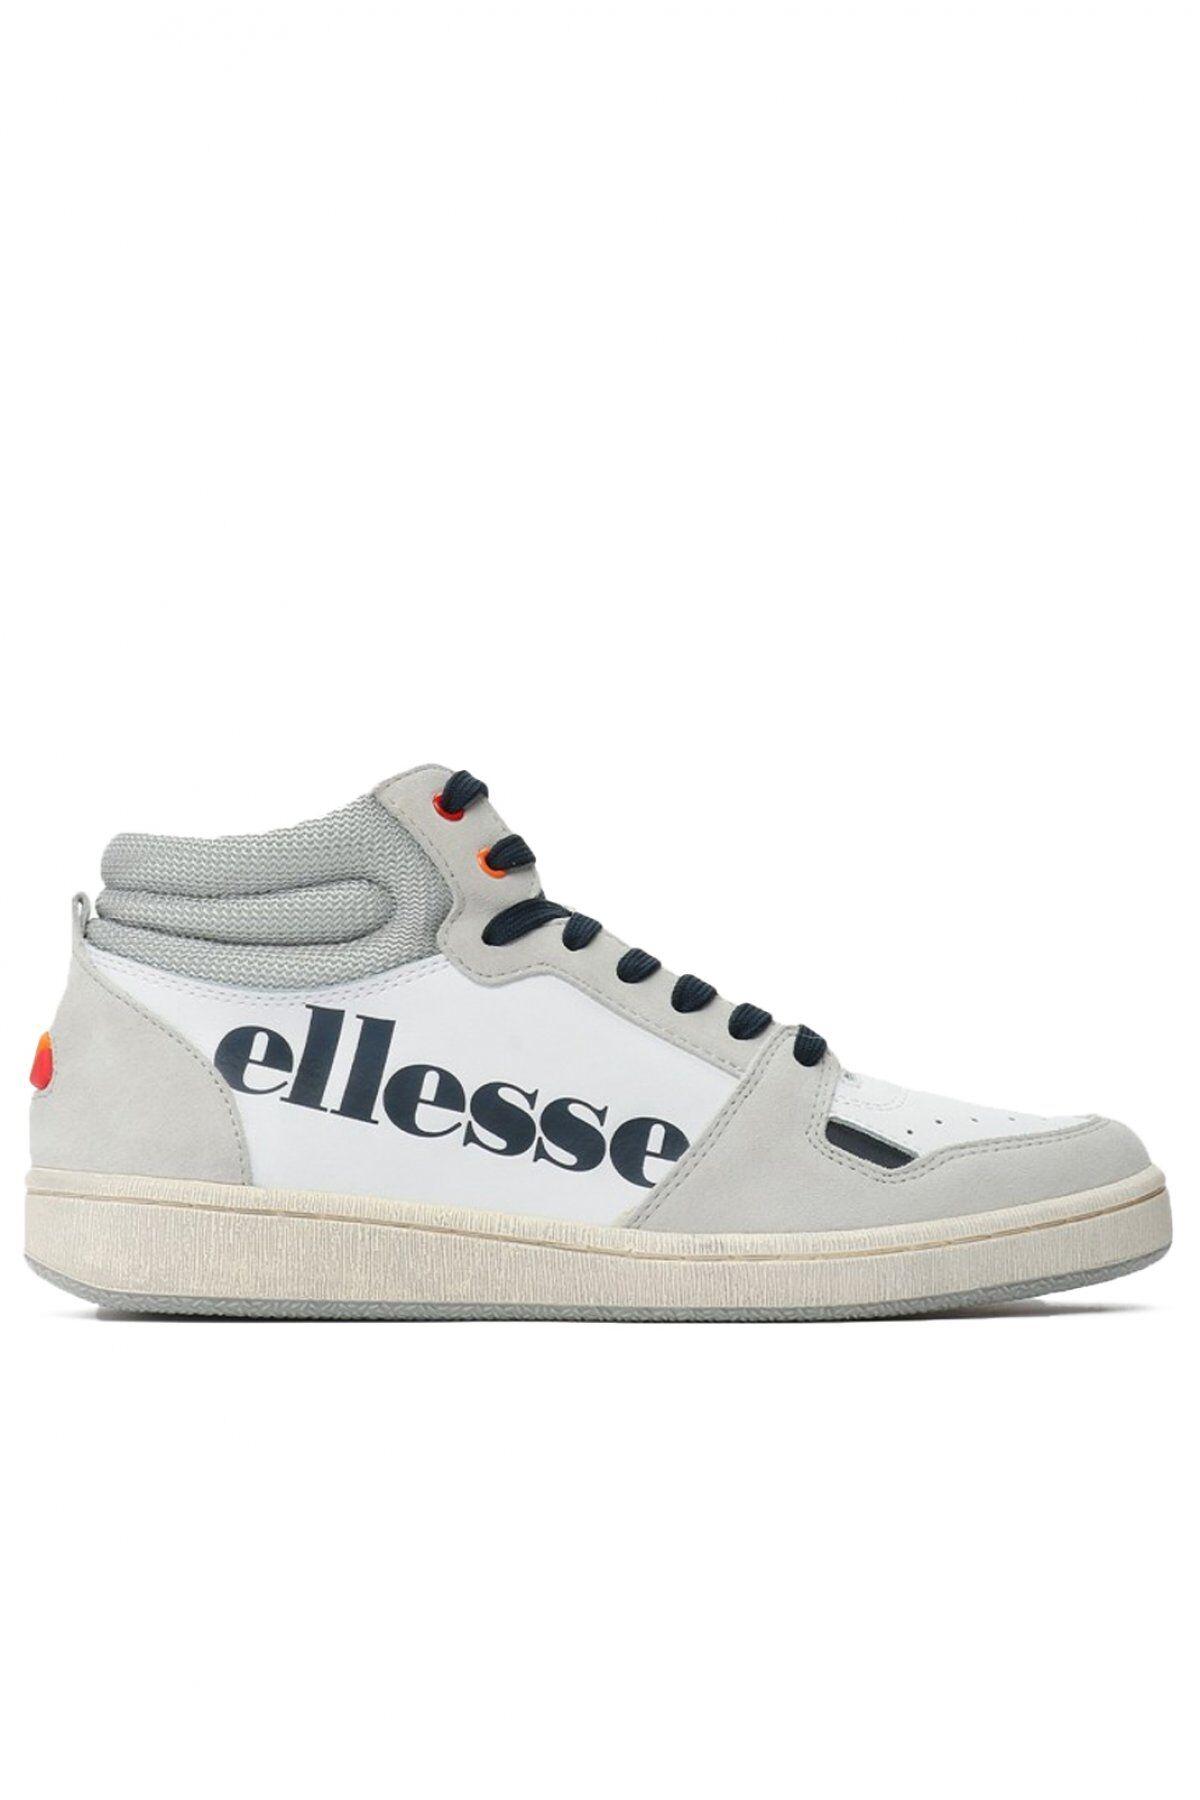 Ellesse Sneakers Cuir Montantes Bicolores  -  Ellesse